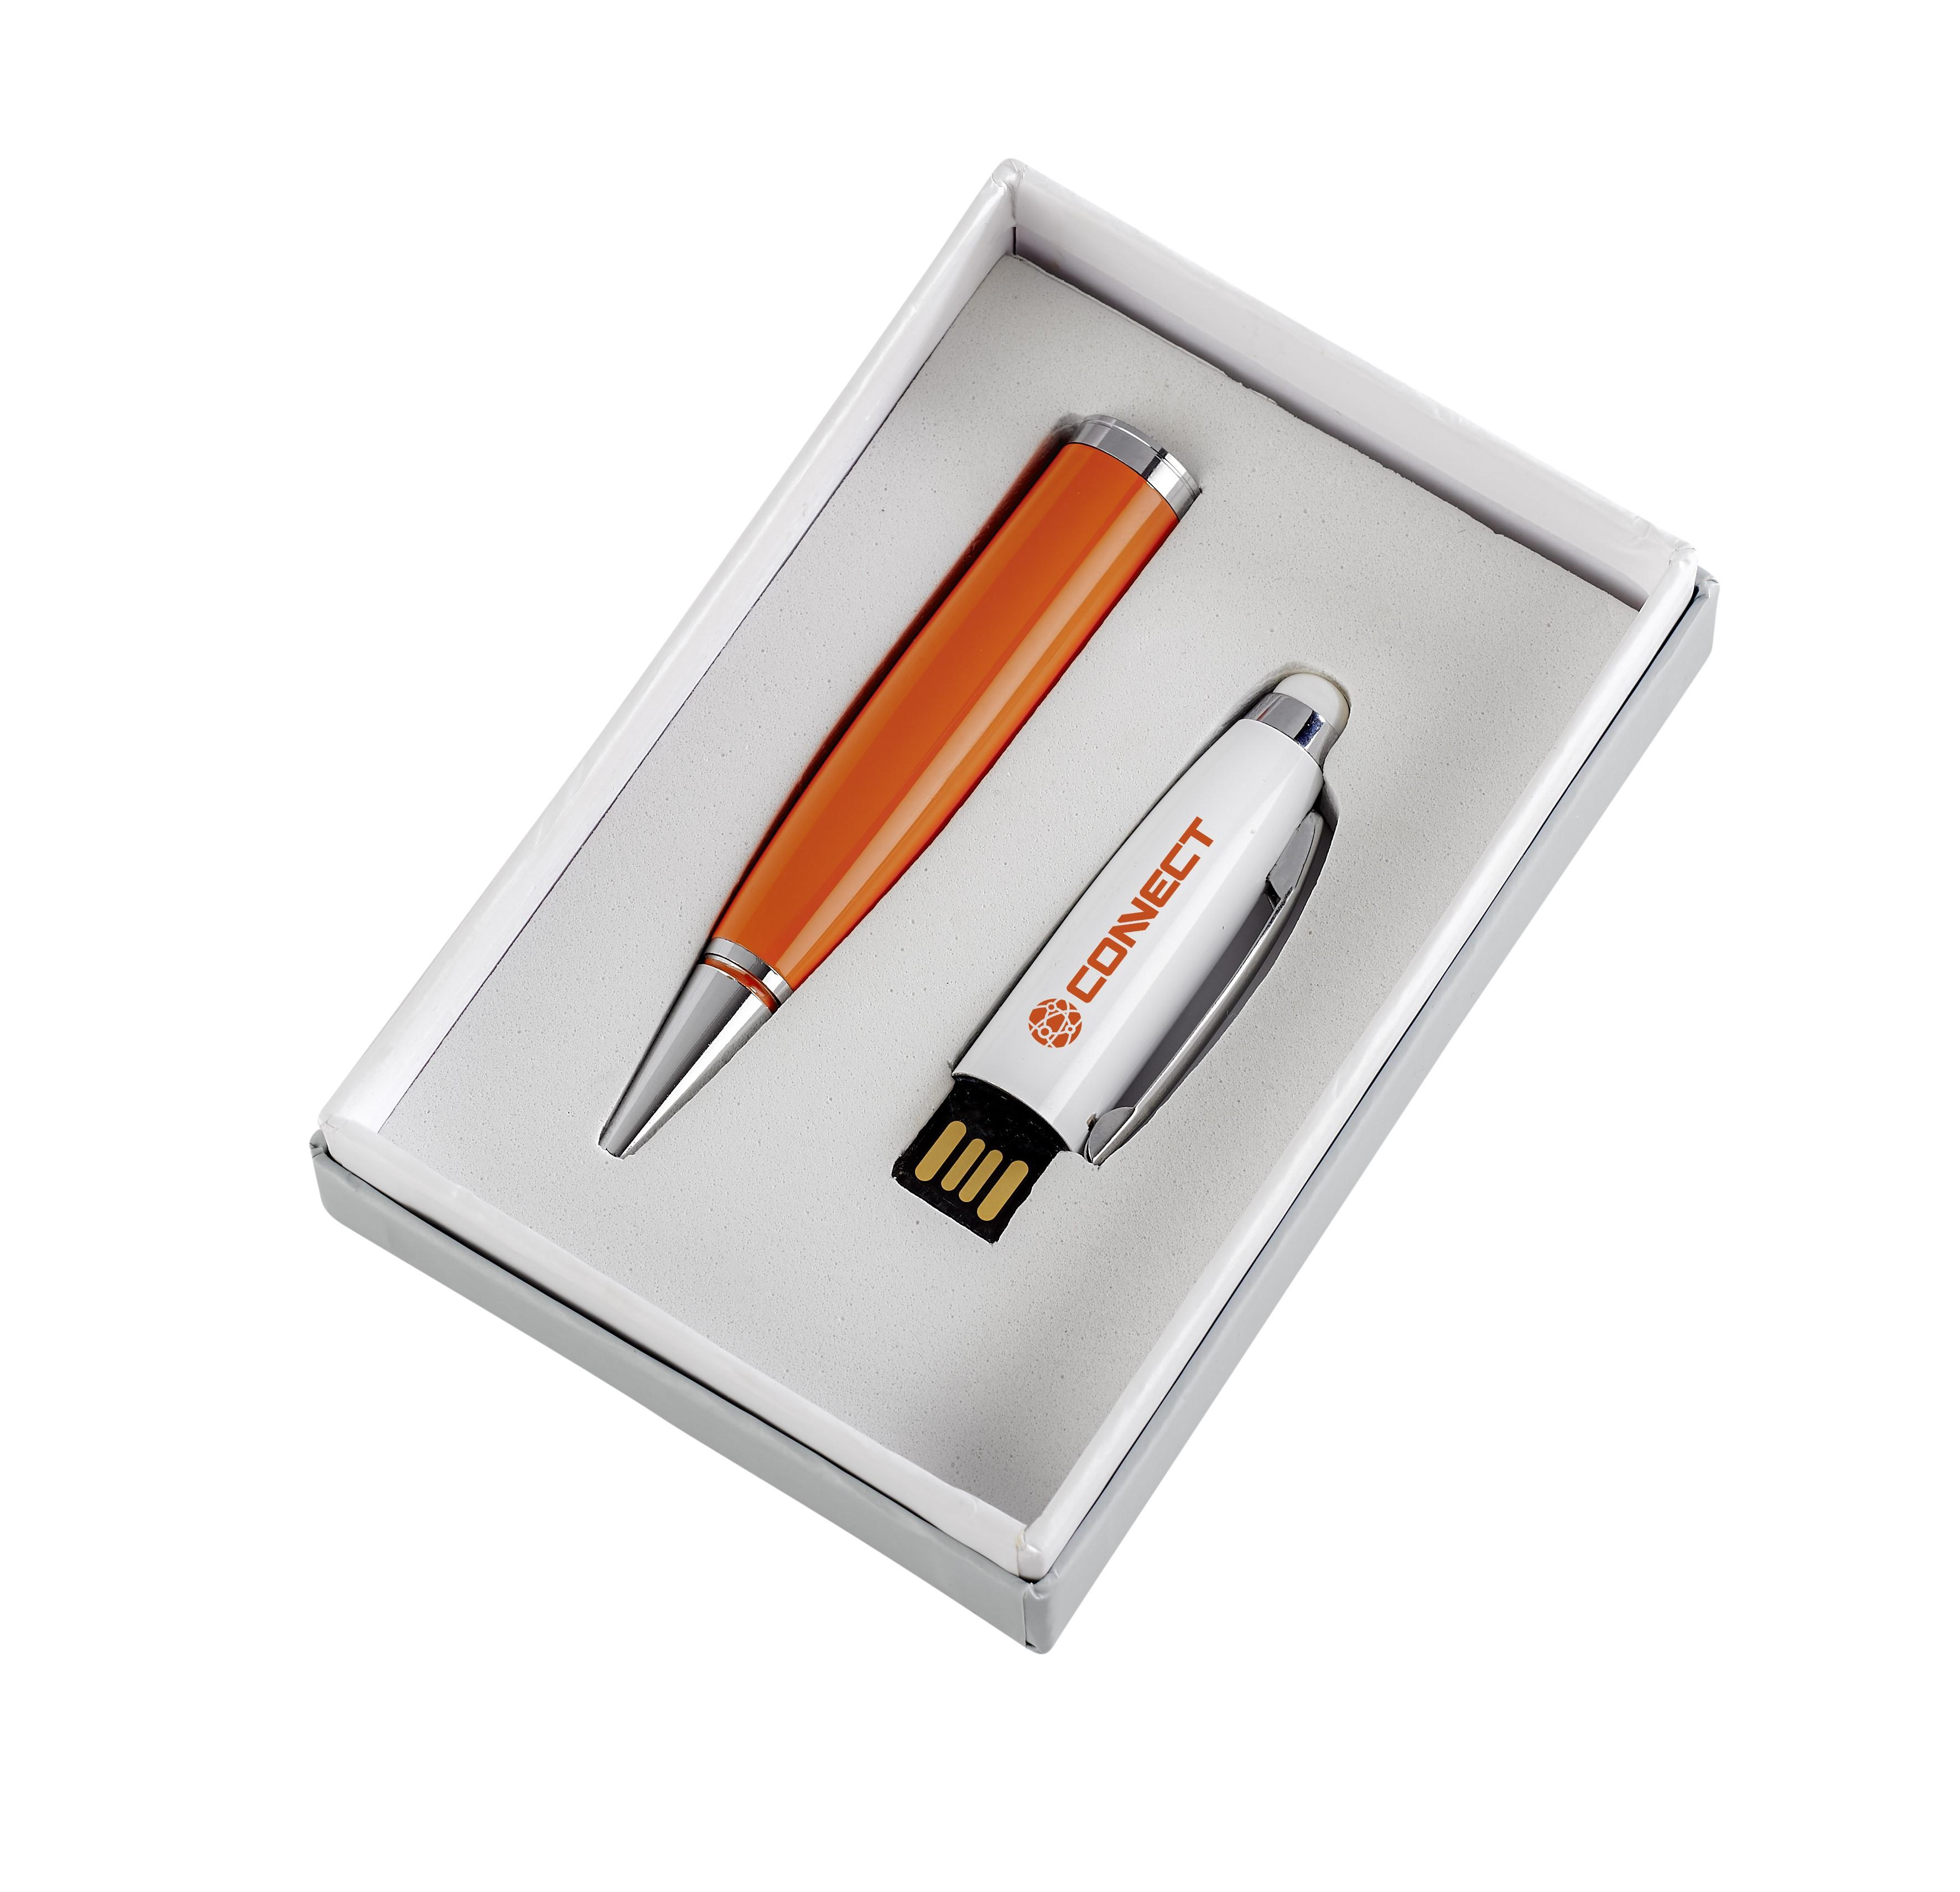 Pentagon White Usb Pen & Stylus - Orange Only